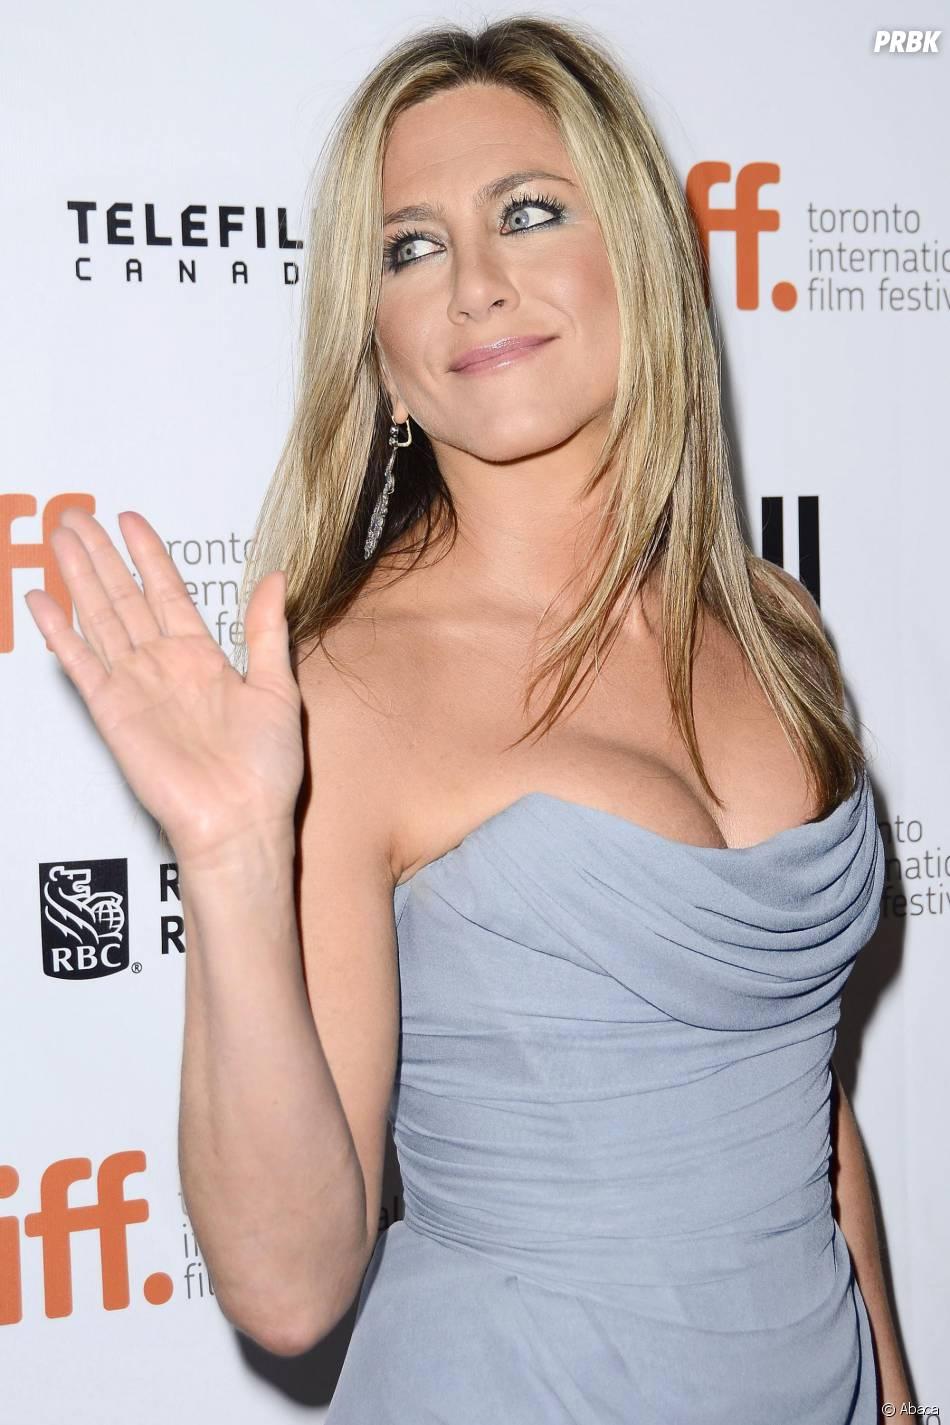 Jennifer Aniston numéro 4 dans le top des actrices les mieux payés en 2013